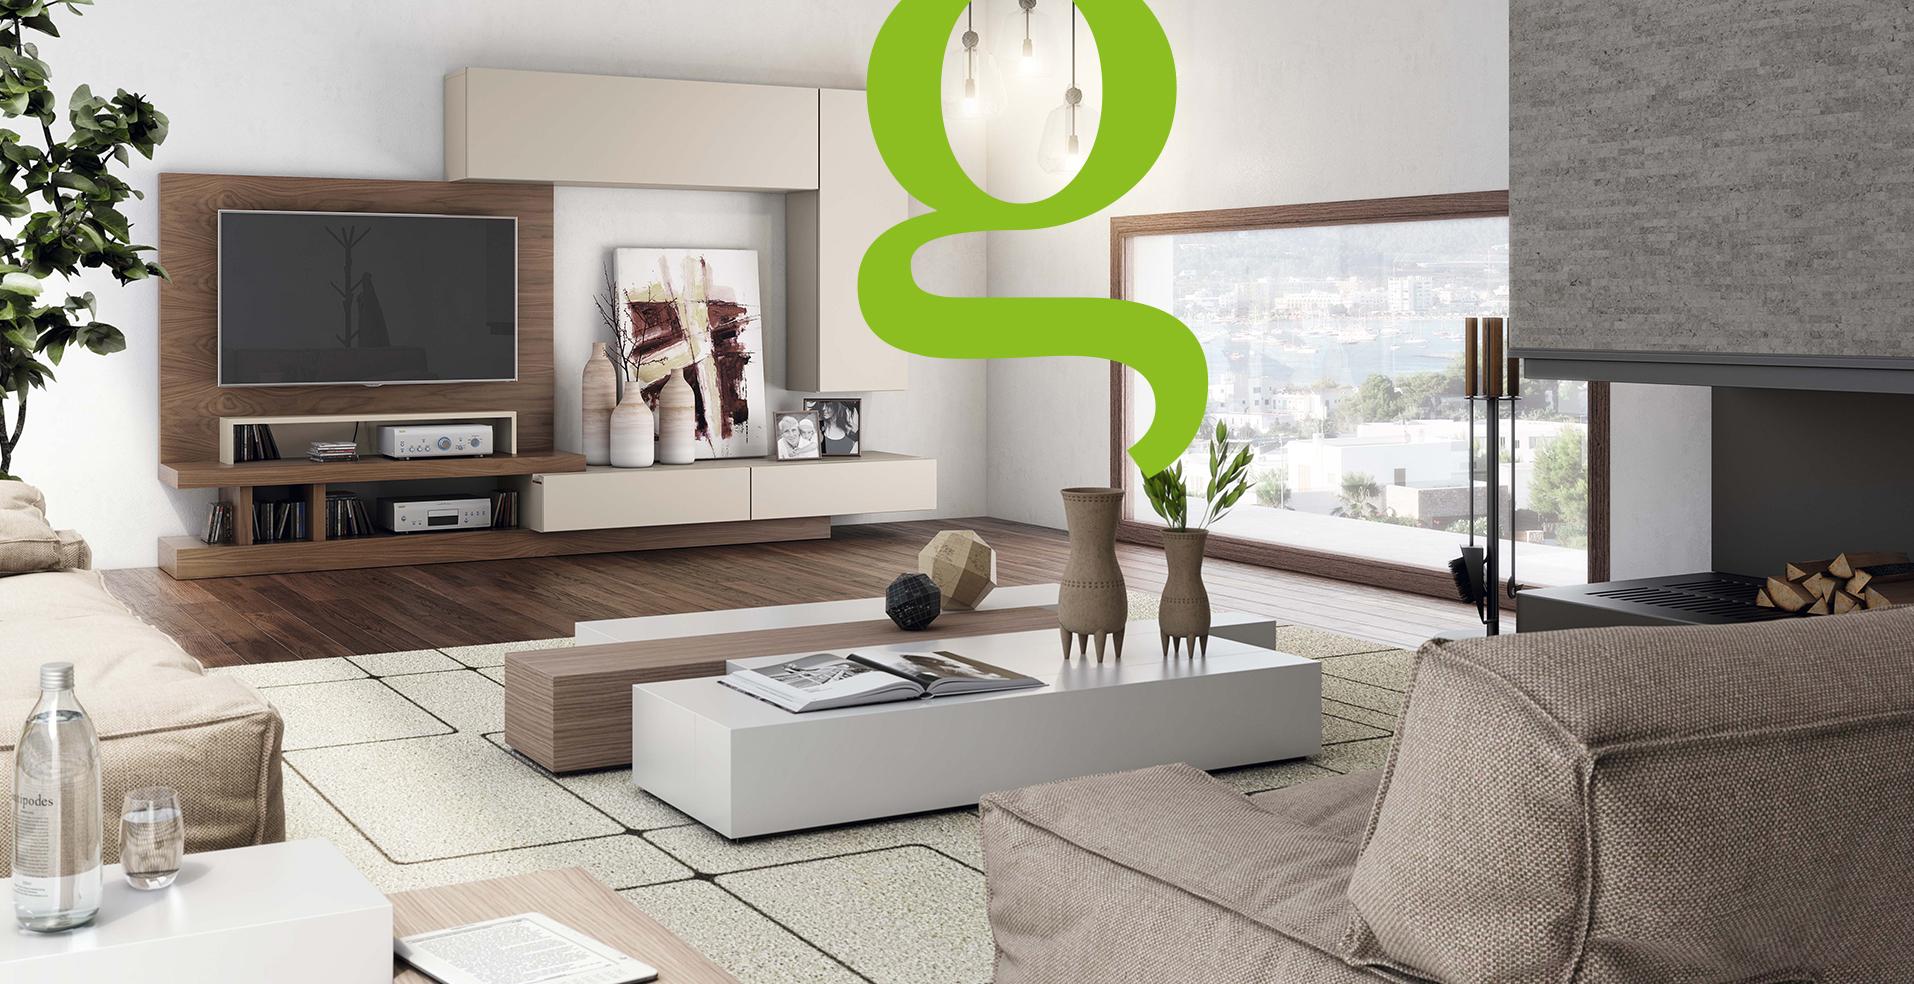 Slide2 Mogar Generaci N Muebles Mogar Pilar De La Horadada # Muebles Generacion